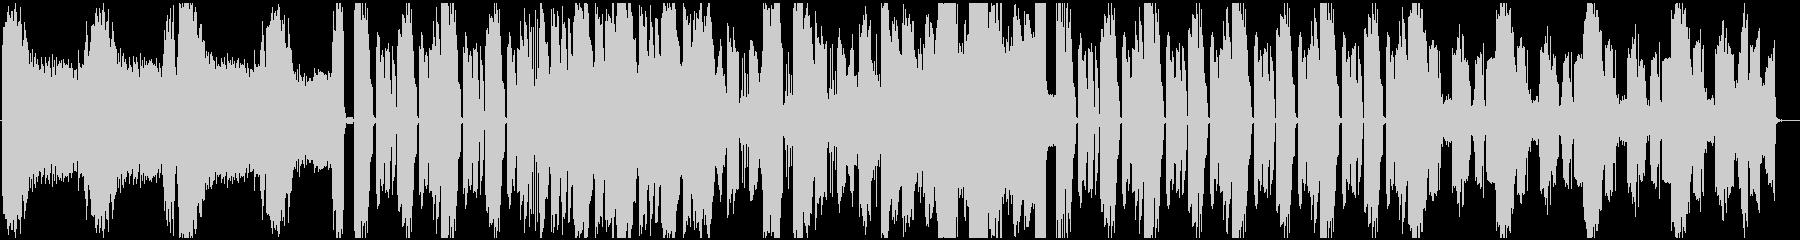 インダストリアル系ダブステップ ハードの未再生の波形